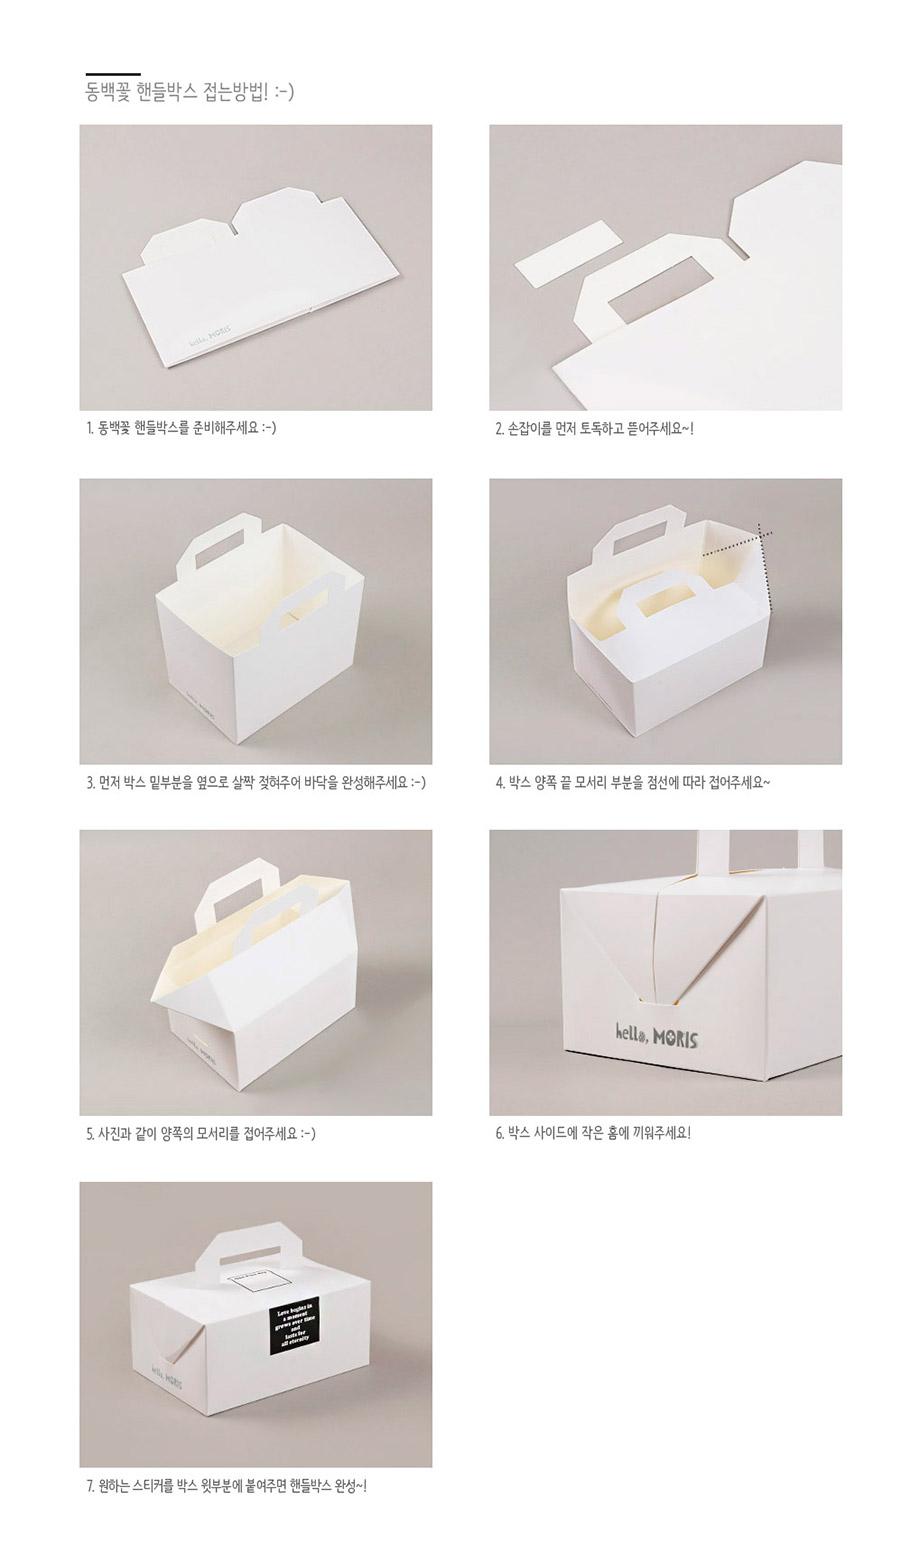 동백꽃 핸들박스(3개) - 헬로우모리스, 3,300원, 상자/케이스, 심플